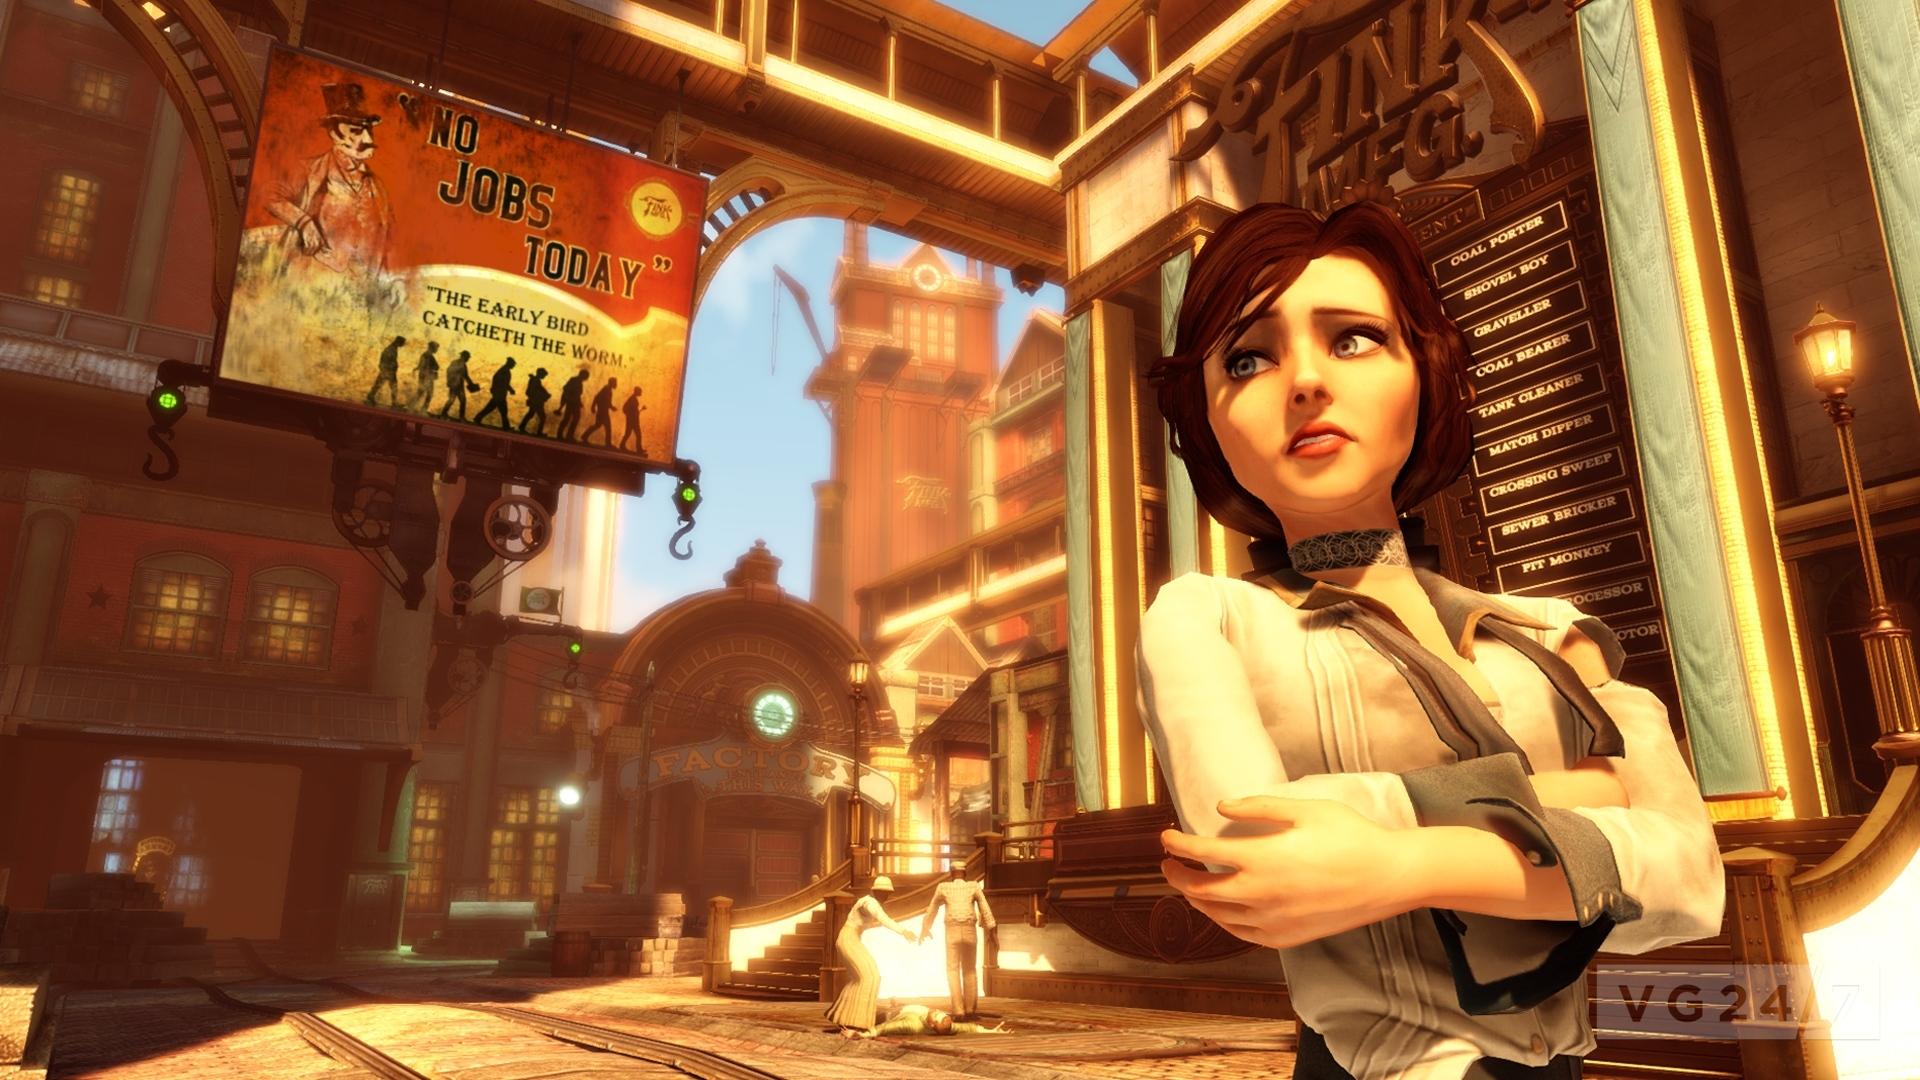 Irrational Games, creadores de Bioshock, cerrarán sus puertas [BREAKING NIUS]